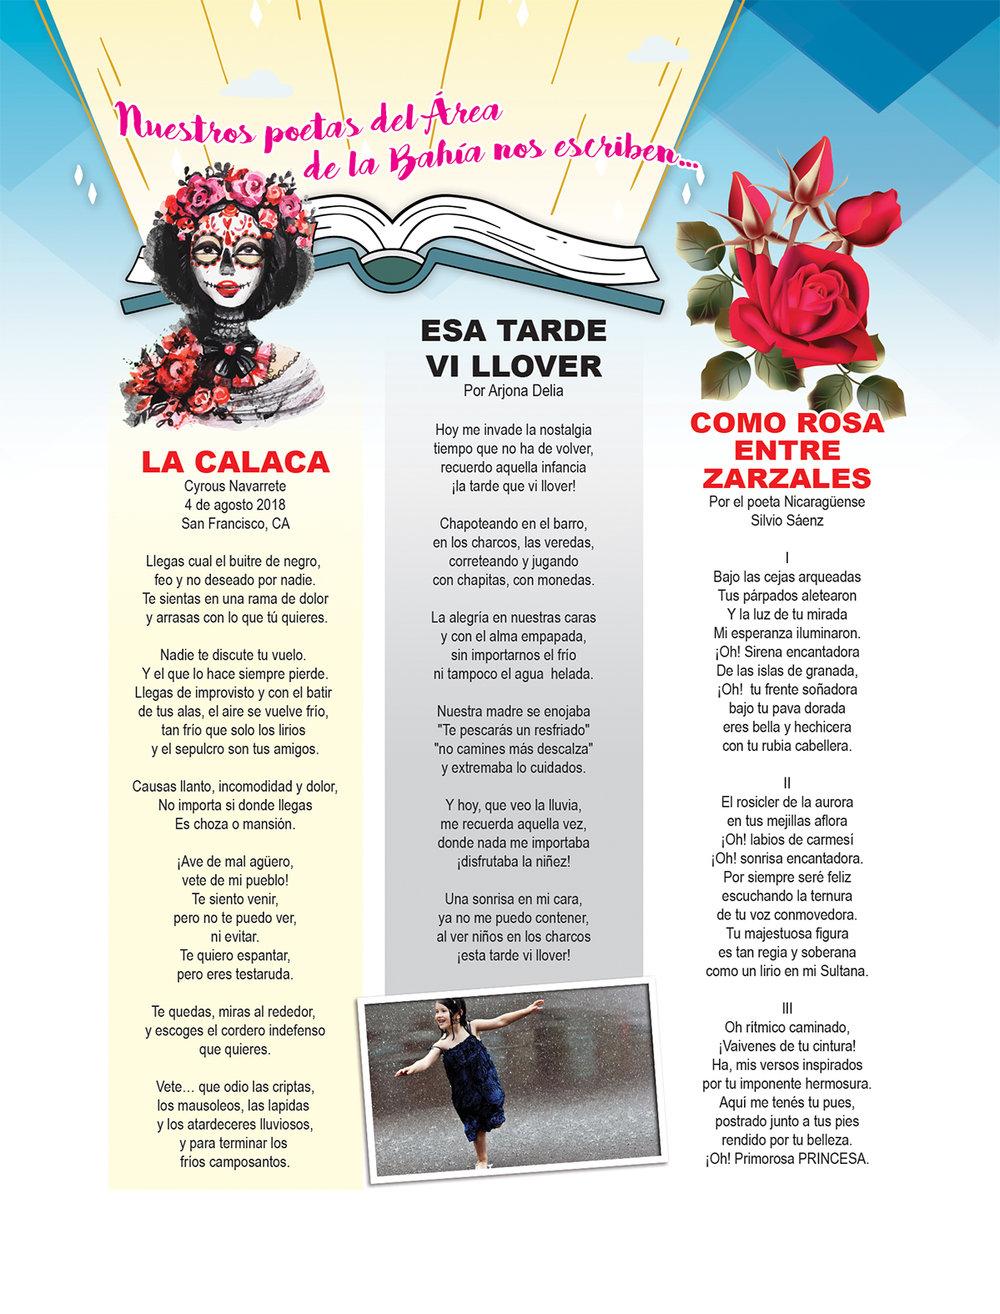 Poetas de la bahia-  Oct 2018.jpg